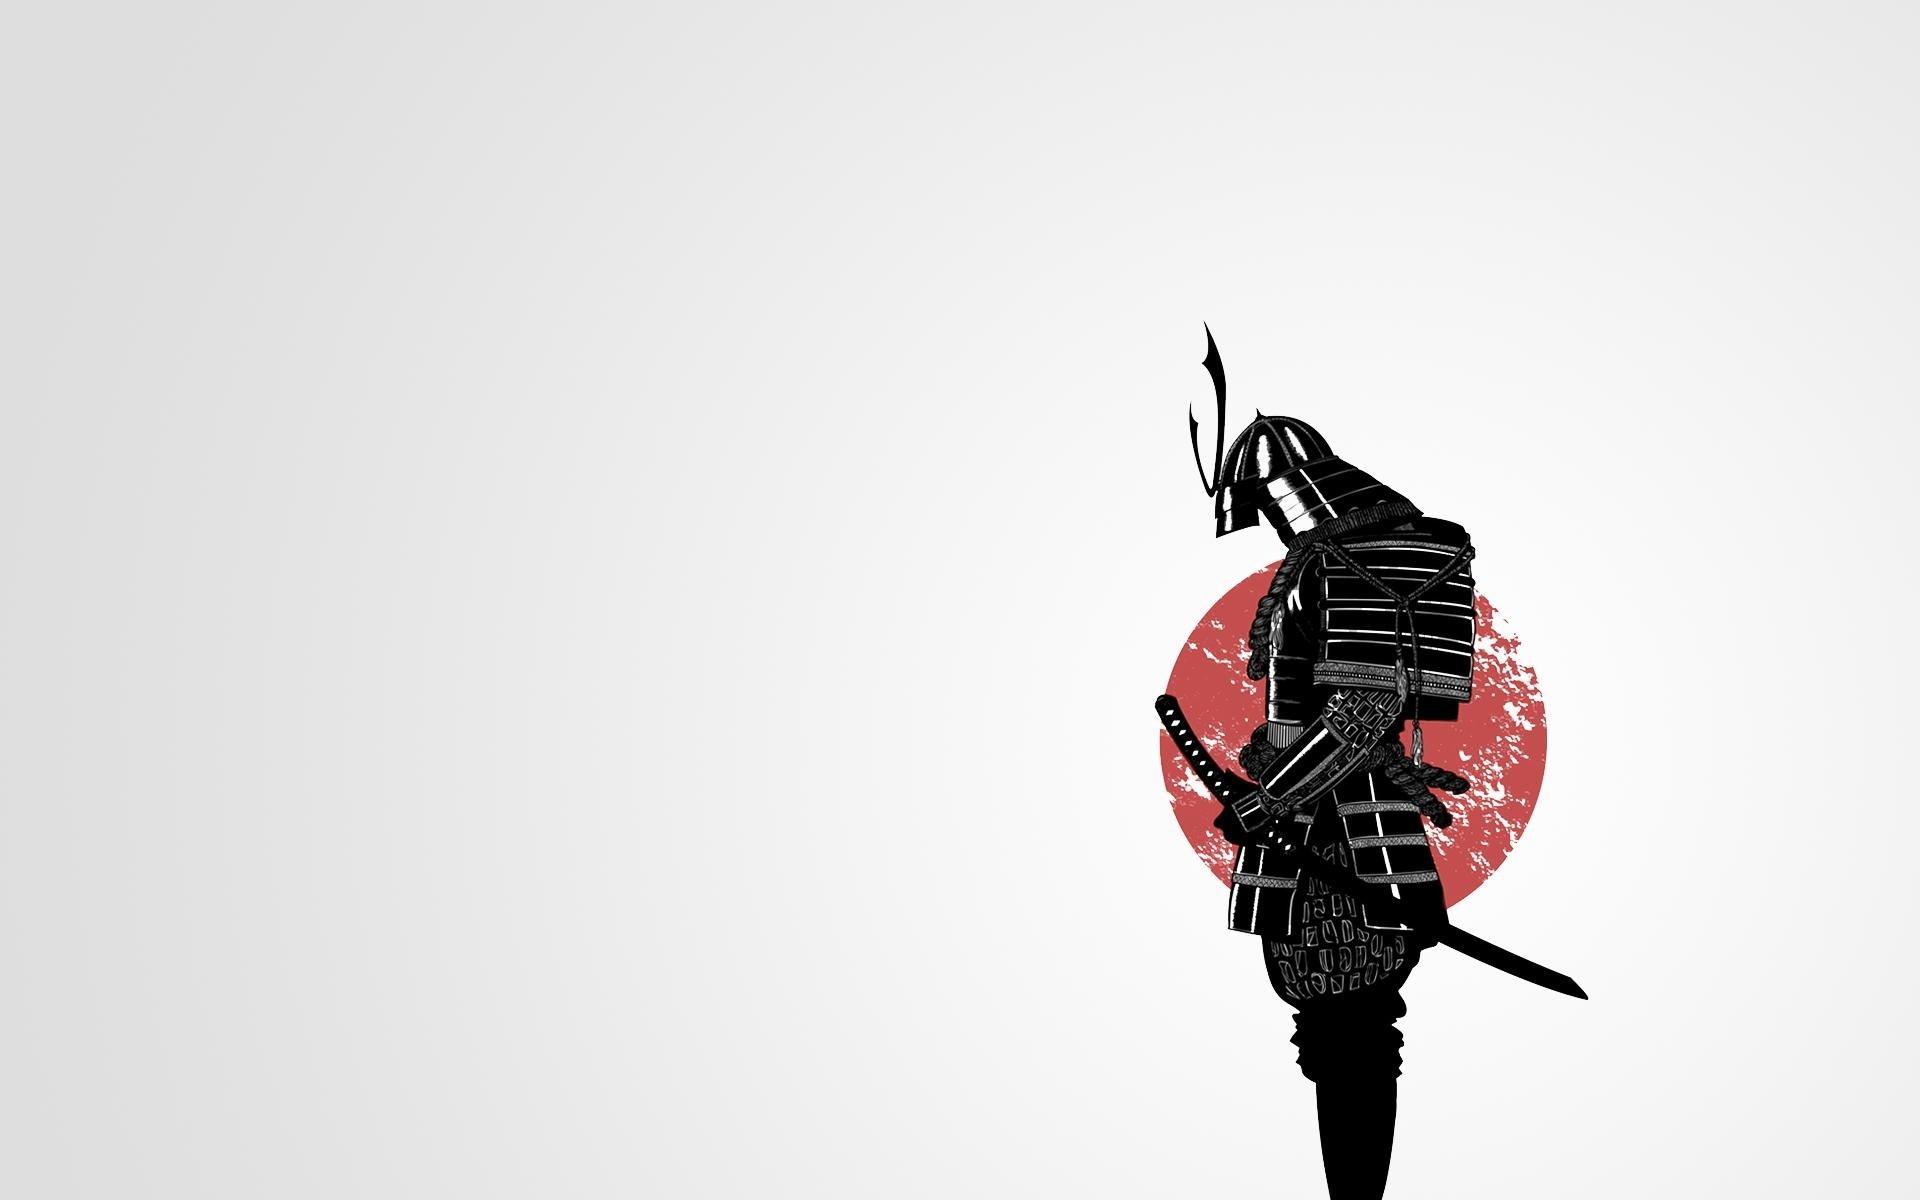 137 Samurai HD Wallpapers Backgrounds Wallpaper Abyss